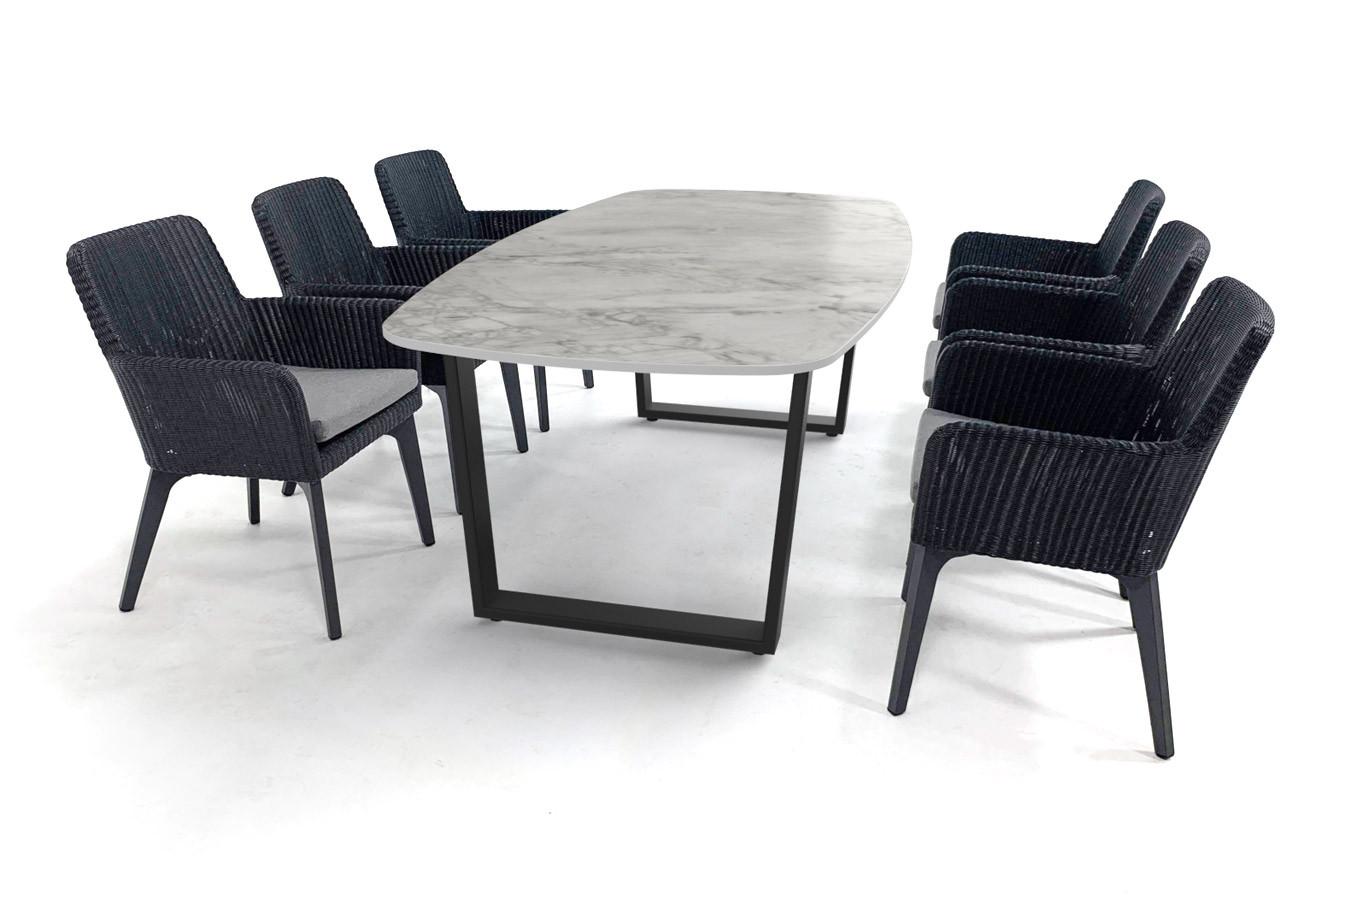 Dekton-Tisch in Marmoroptik mit schwarz beschichtetem Savona-Fuß und Lisboa-Stühlen